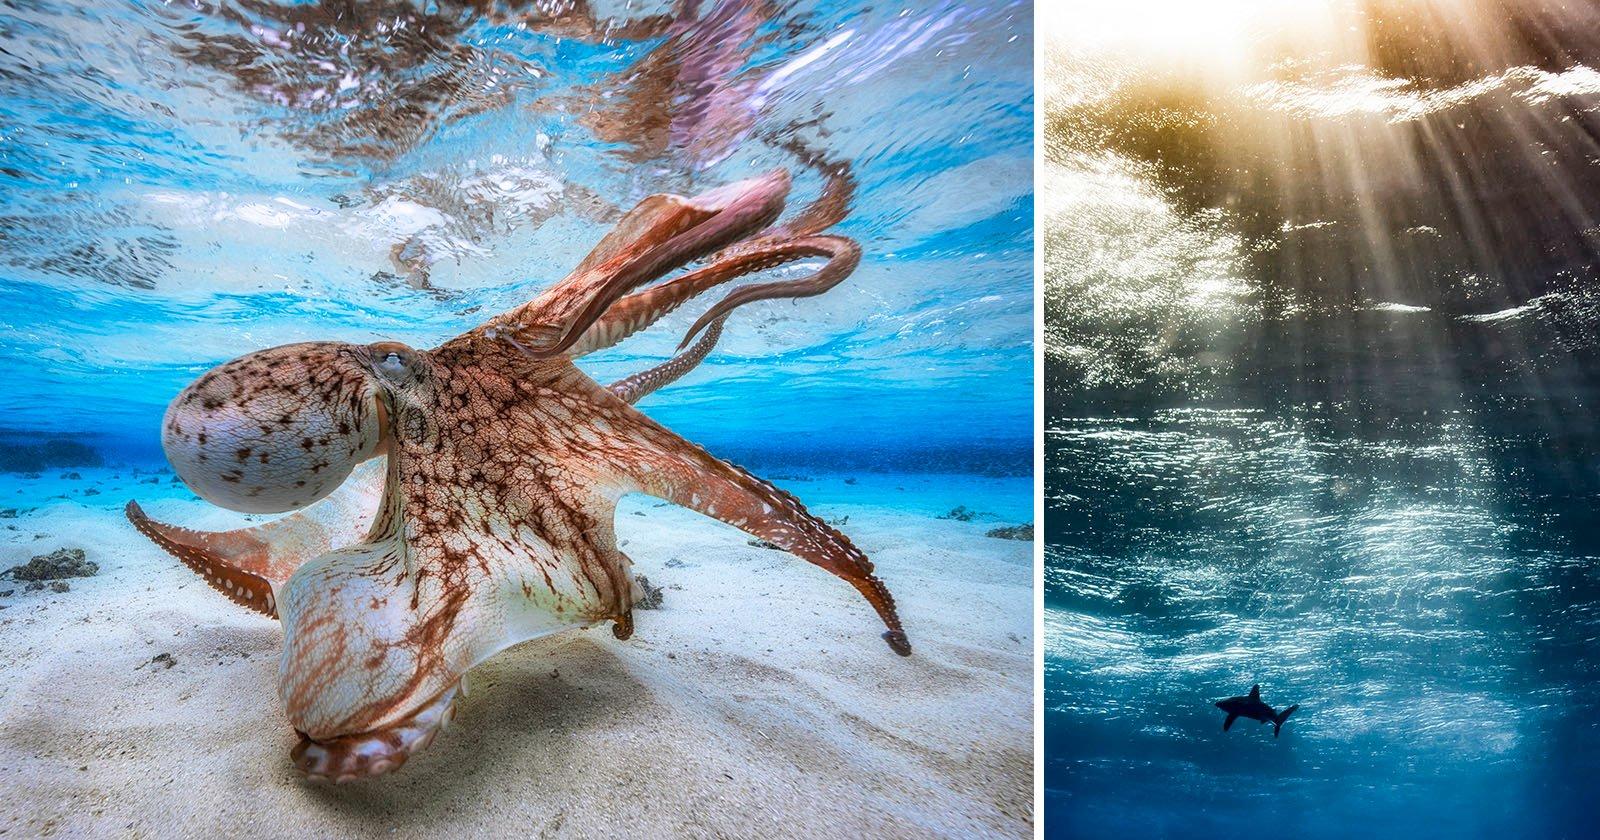 underwater photographer winning amazing junk throw lens actually petapixel